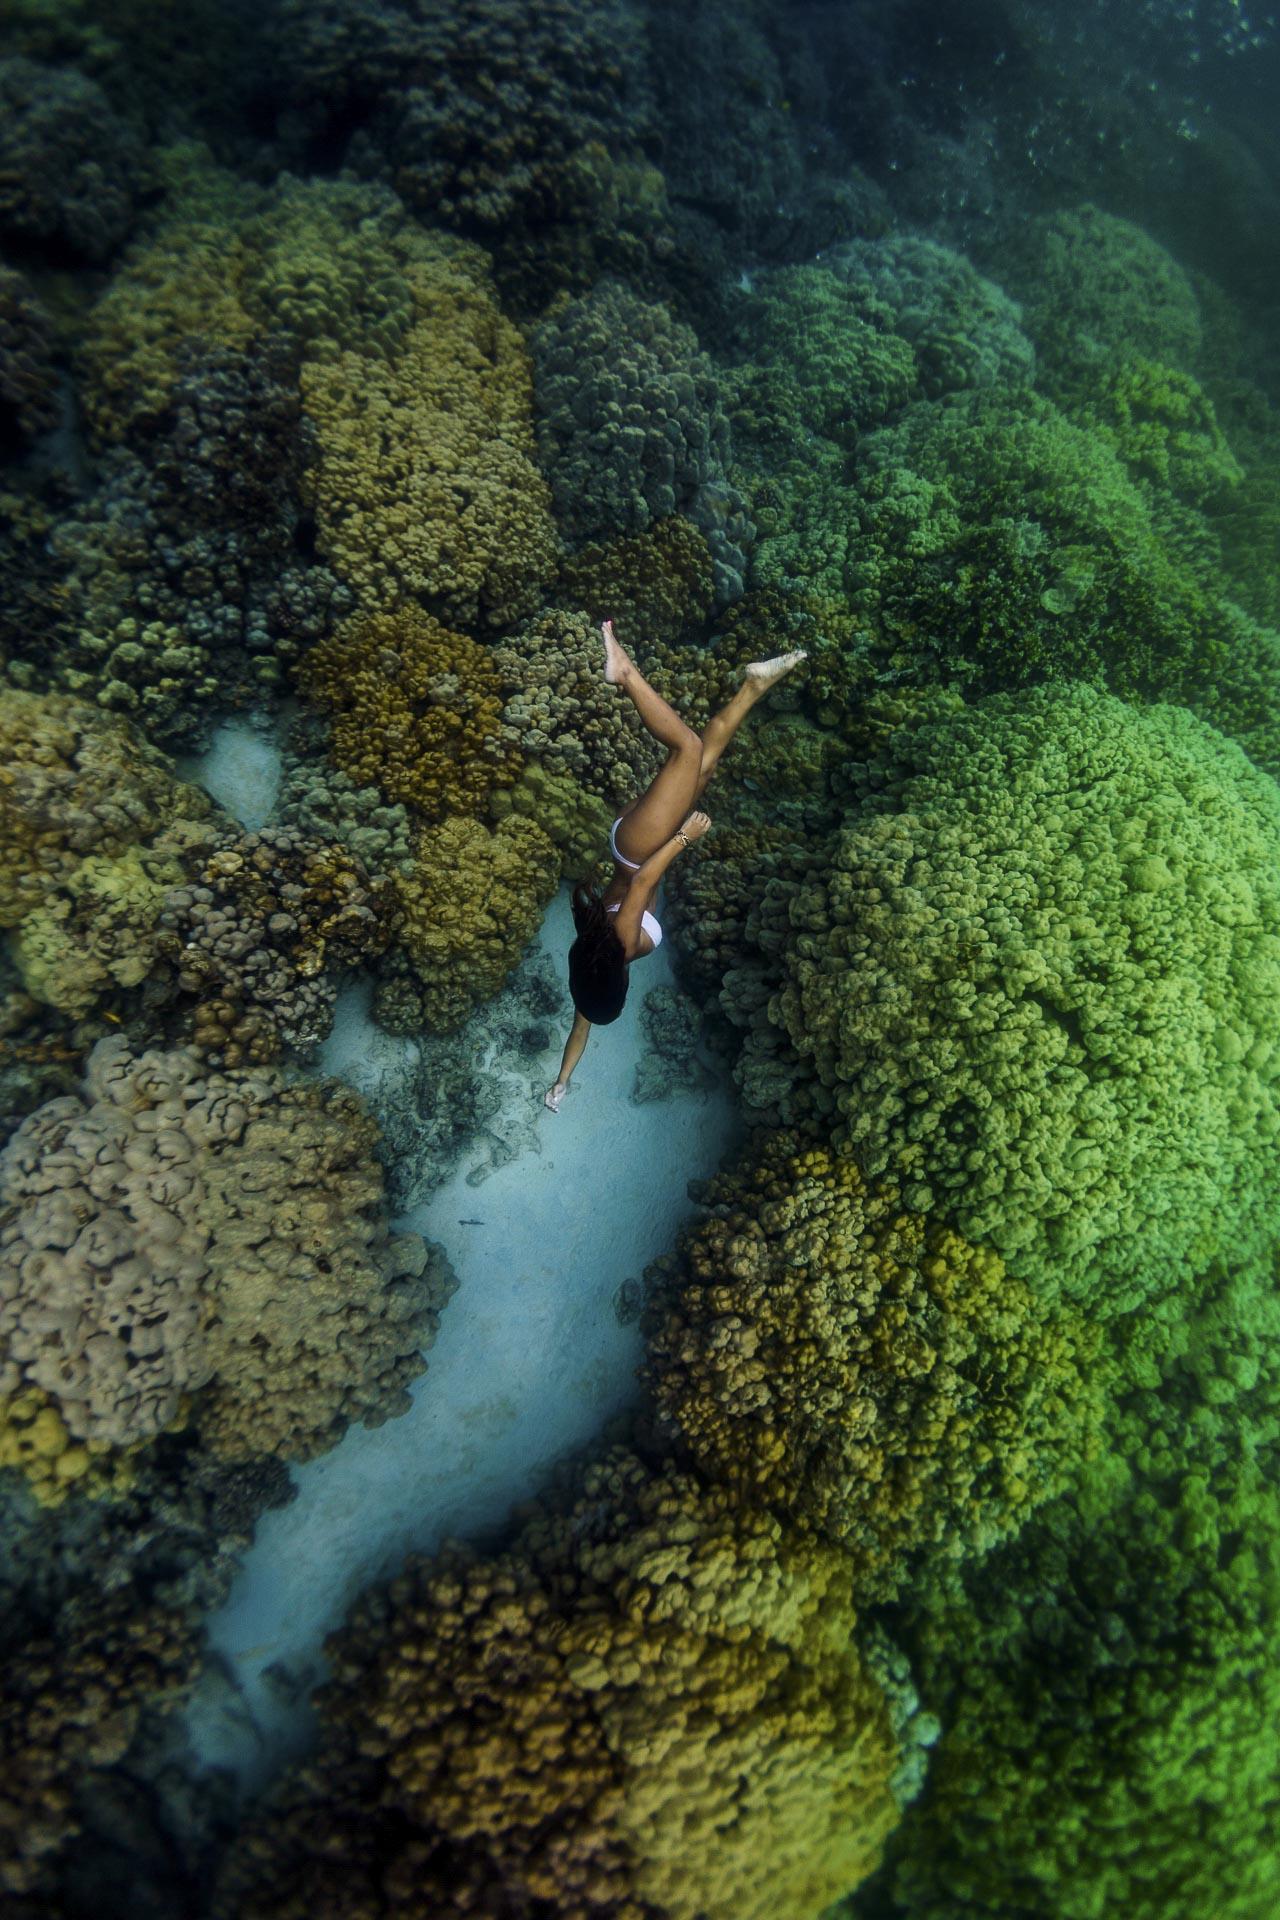 SarahLeePhoto_KimieMiner_PristineReef_Hawaii.jpg